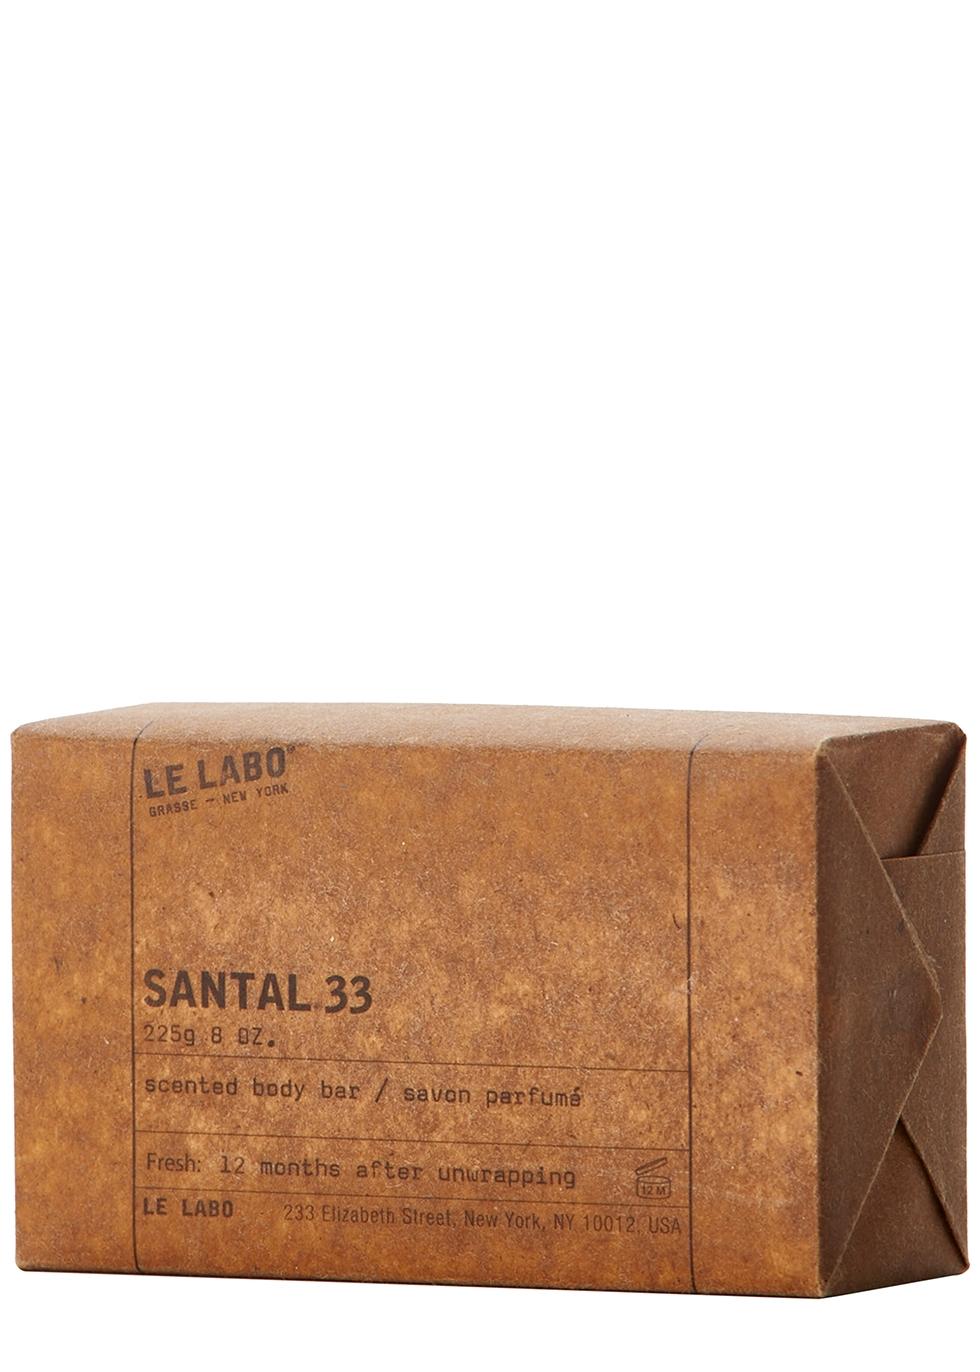 Santal 33 Bar Soap 225g